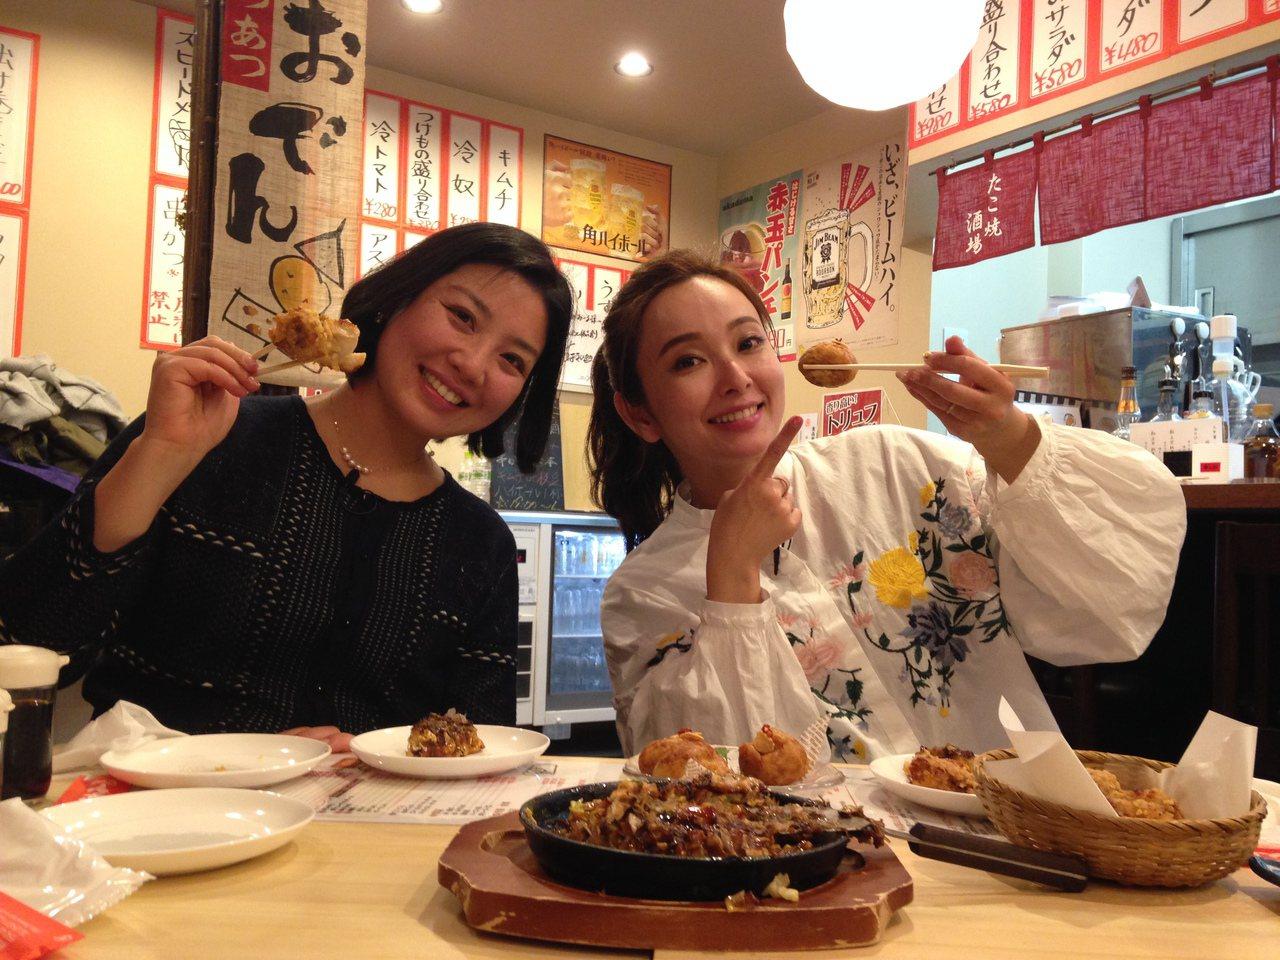 愛紗(右)和夏如芝品嘗靈魂美食章魚燒。圖/中視提供